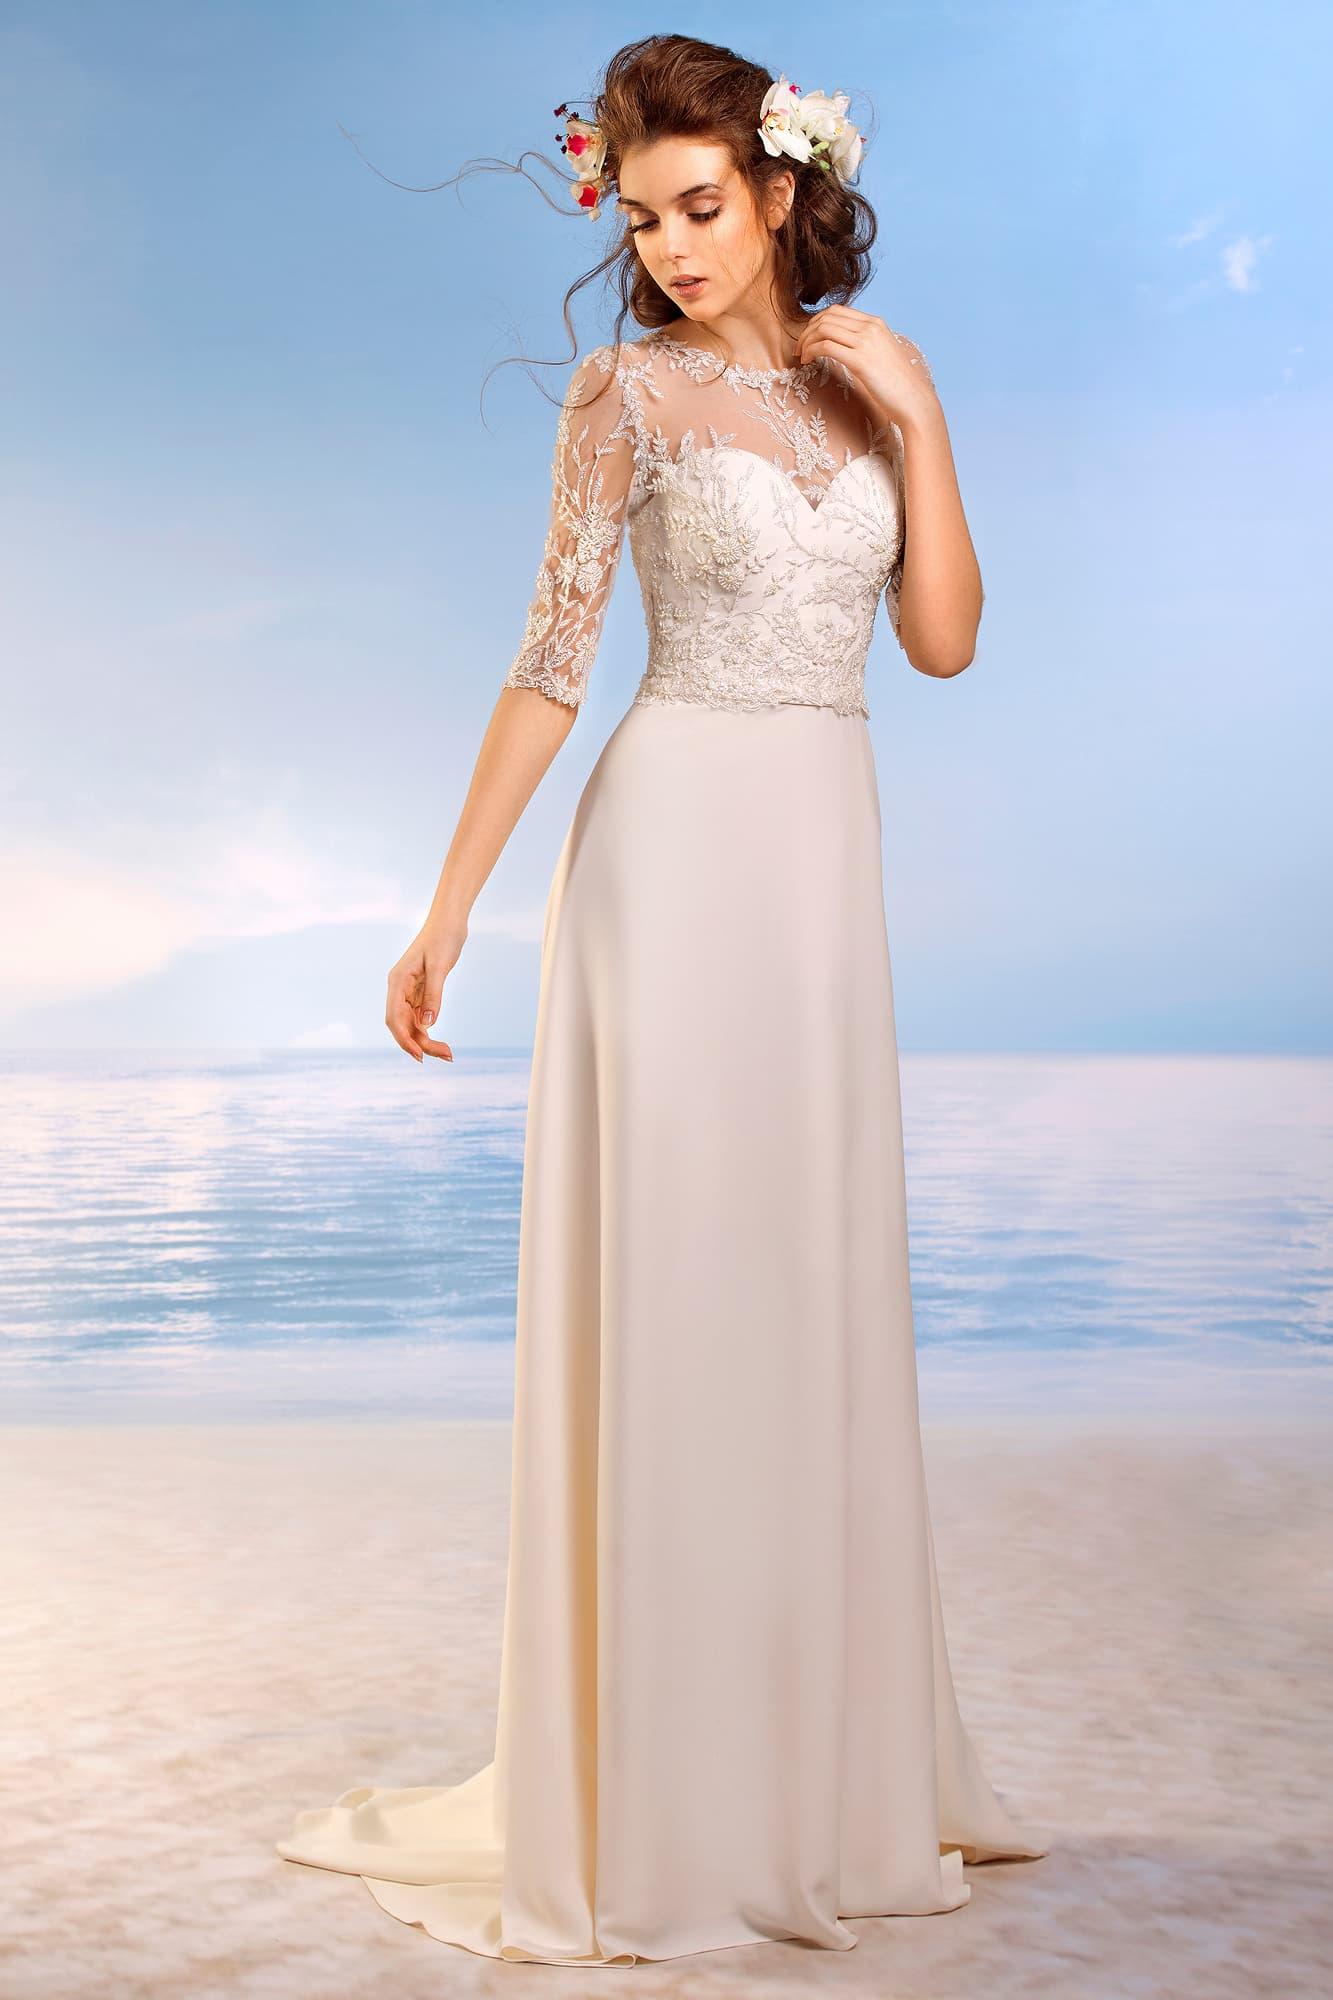 0d5729e60af Изысканное свадебное платье из атласа с глубоким вырезом в форме сердца